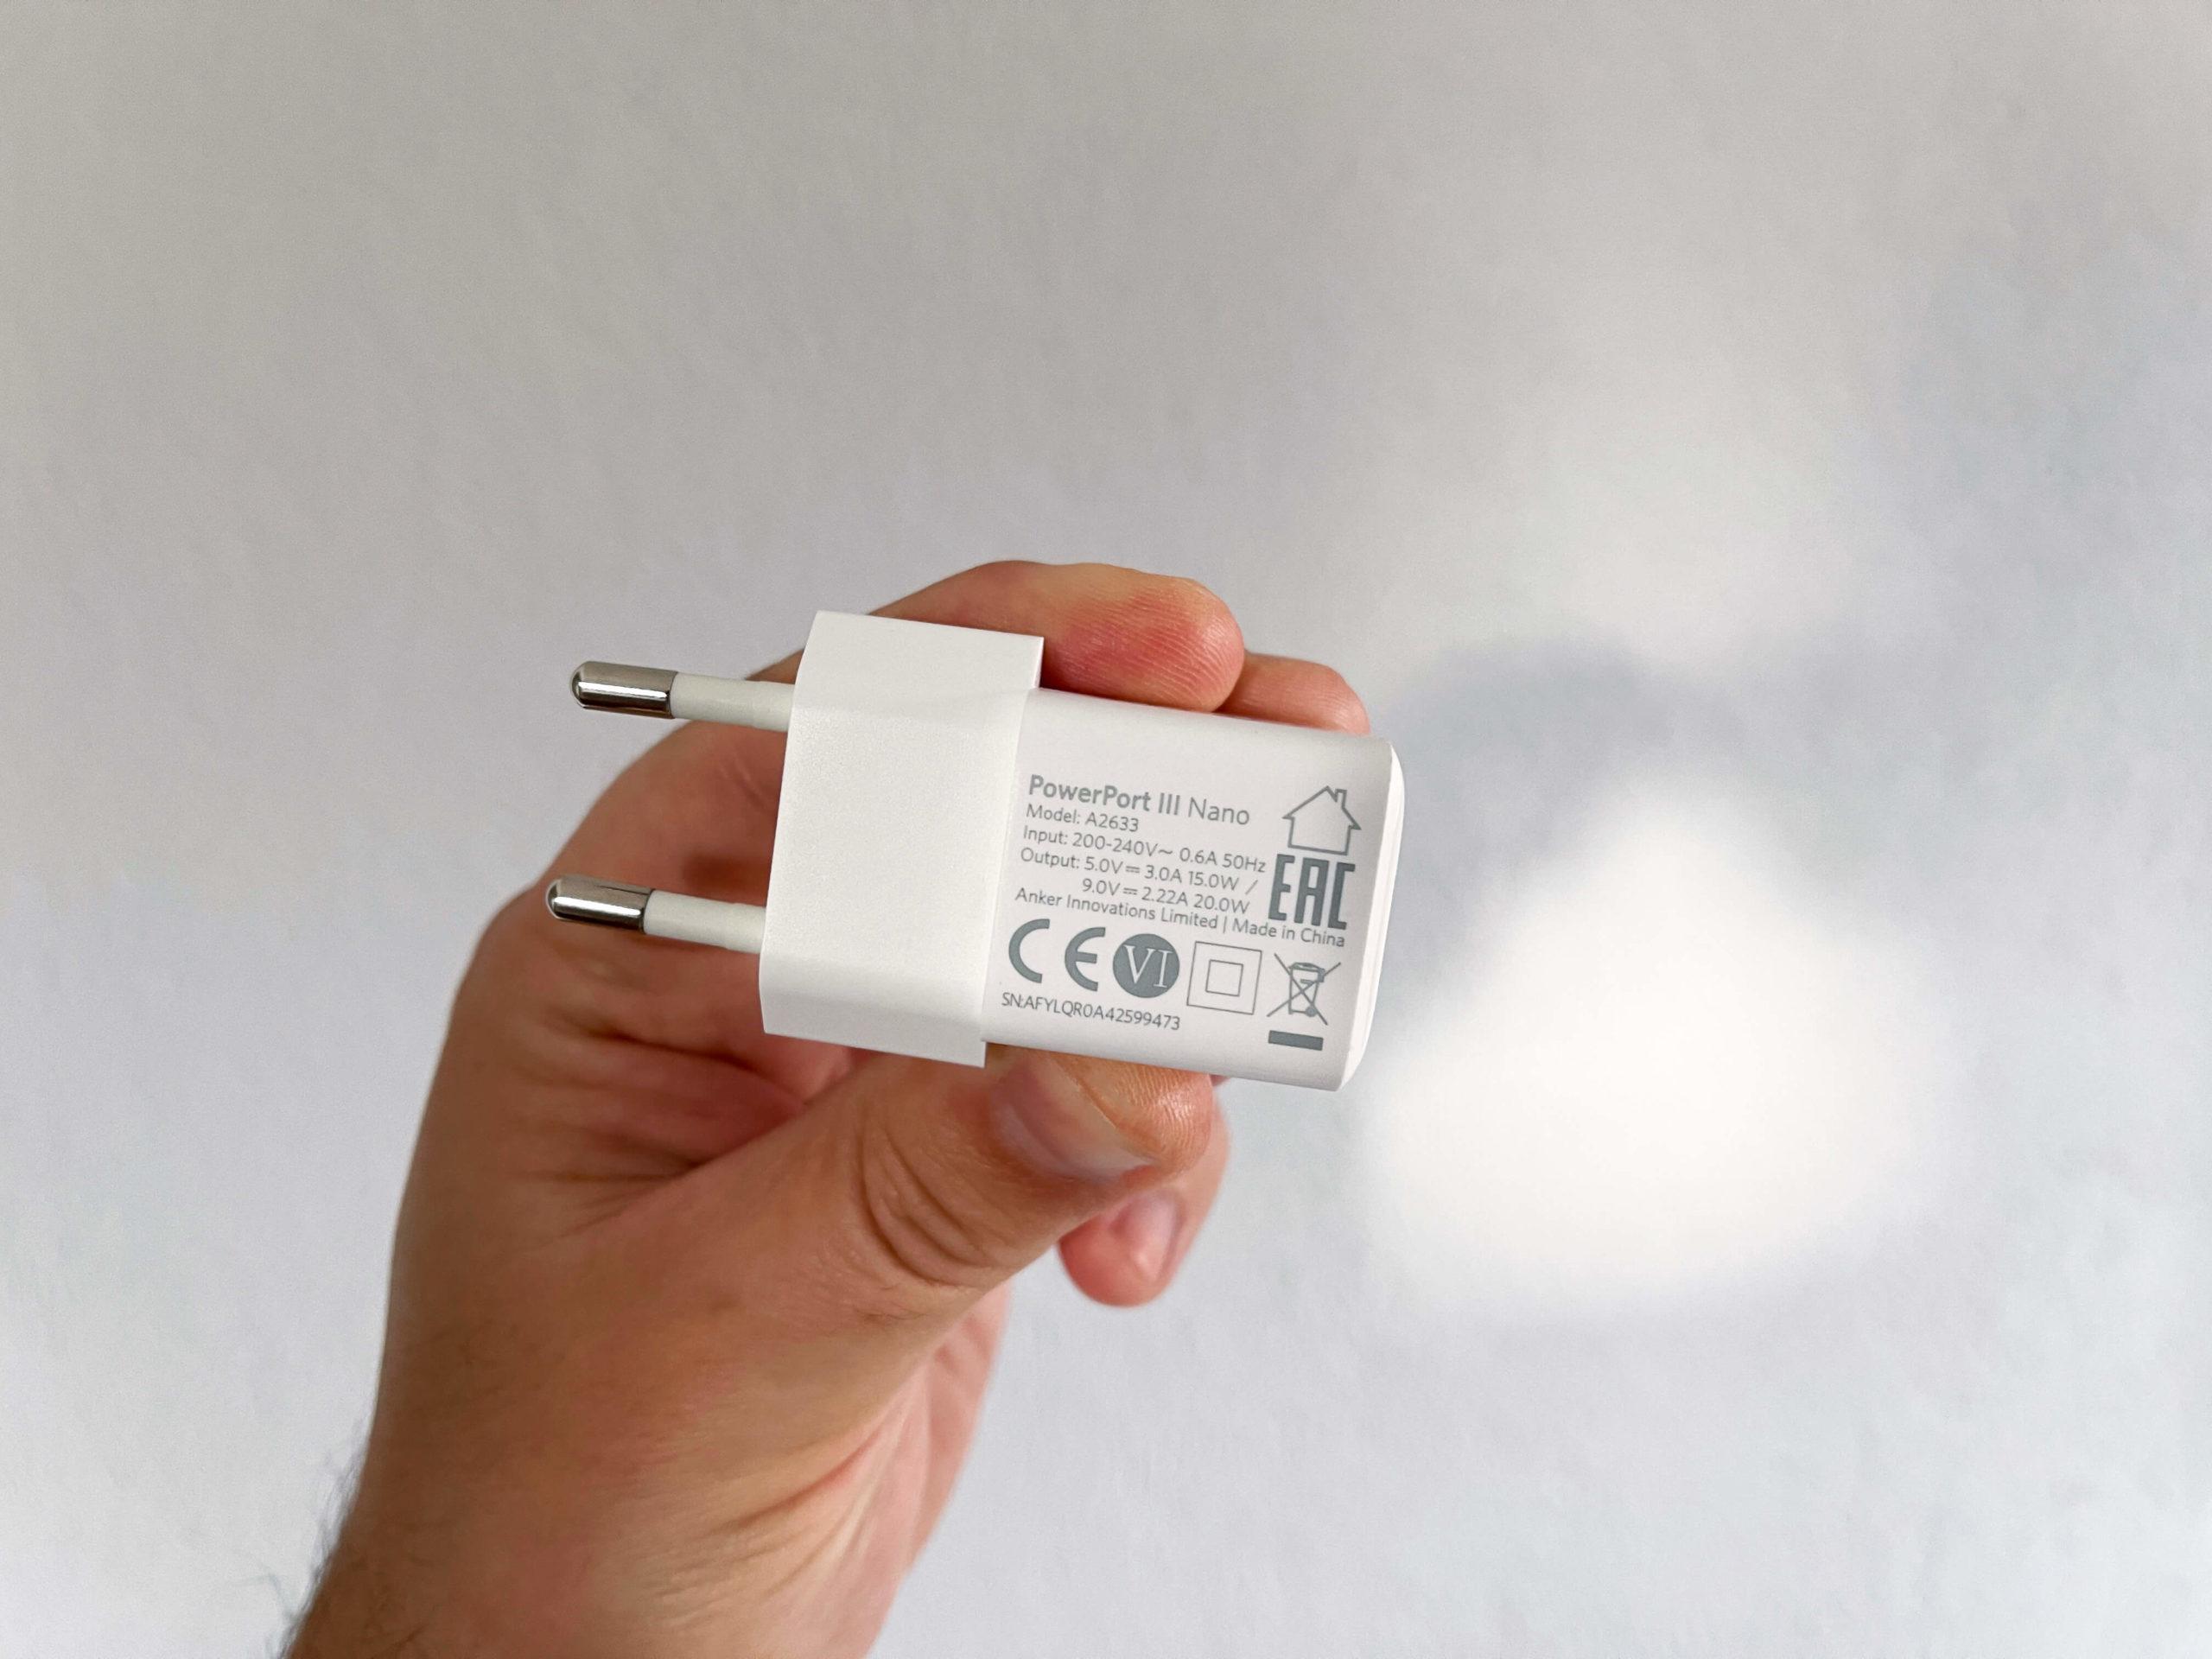 20-Watt-Ladegeraet-mit-USB-C-PD-3.0-von-Anker-klein-und-kraftvoll3-scaled PowerPort 3 von Anker - 20 Watt via USB-C Power Delivery 3.0 im Handformat